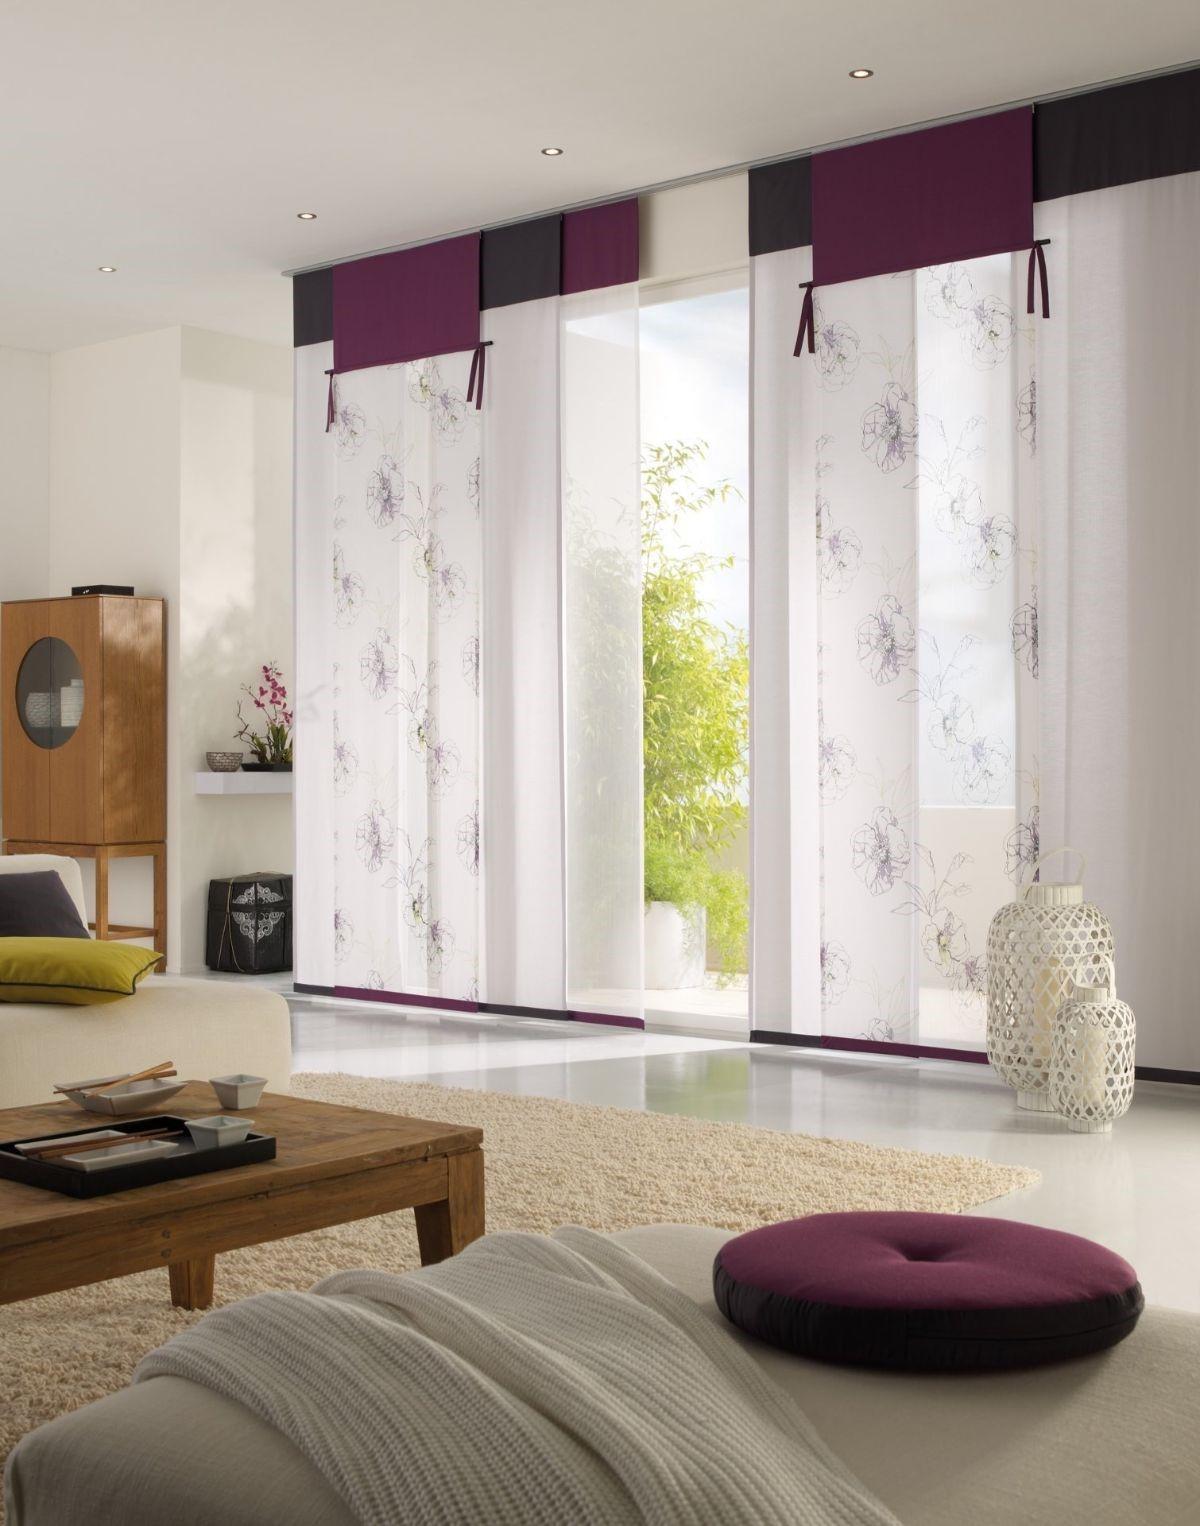 Стильные шторы: новые идеи для оформления